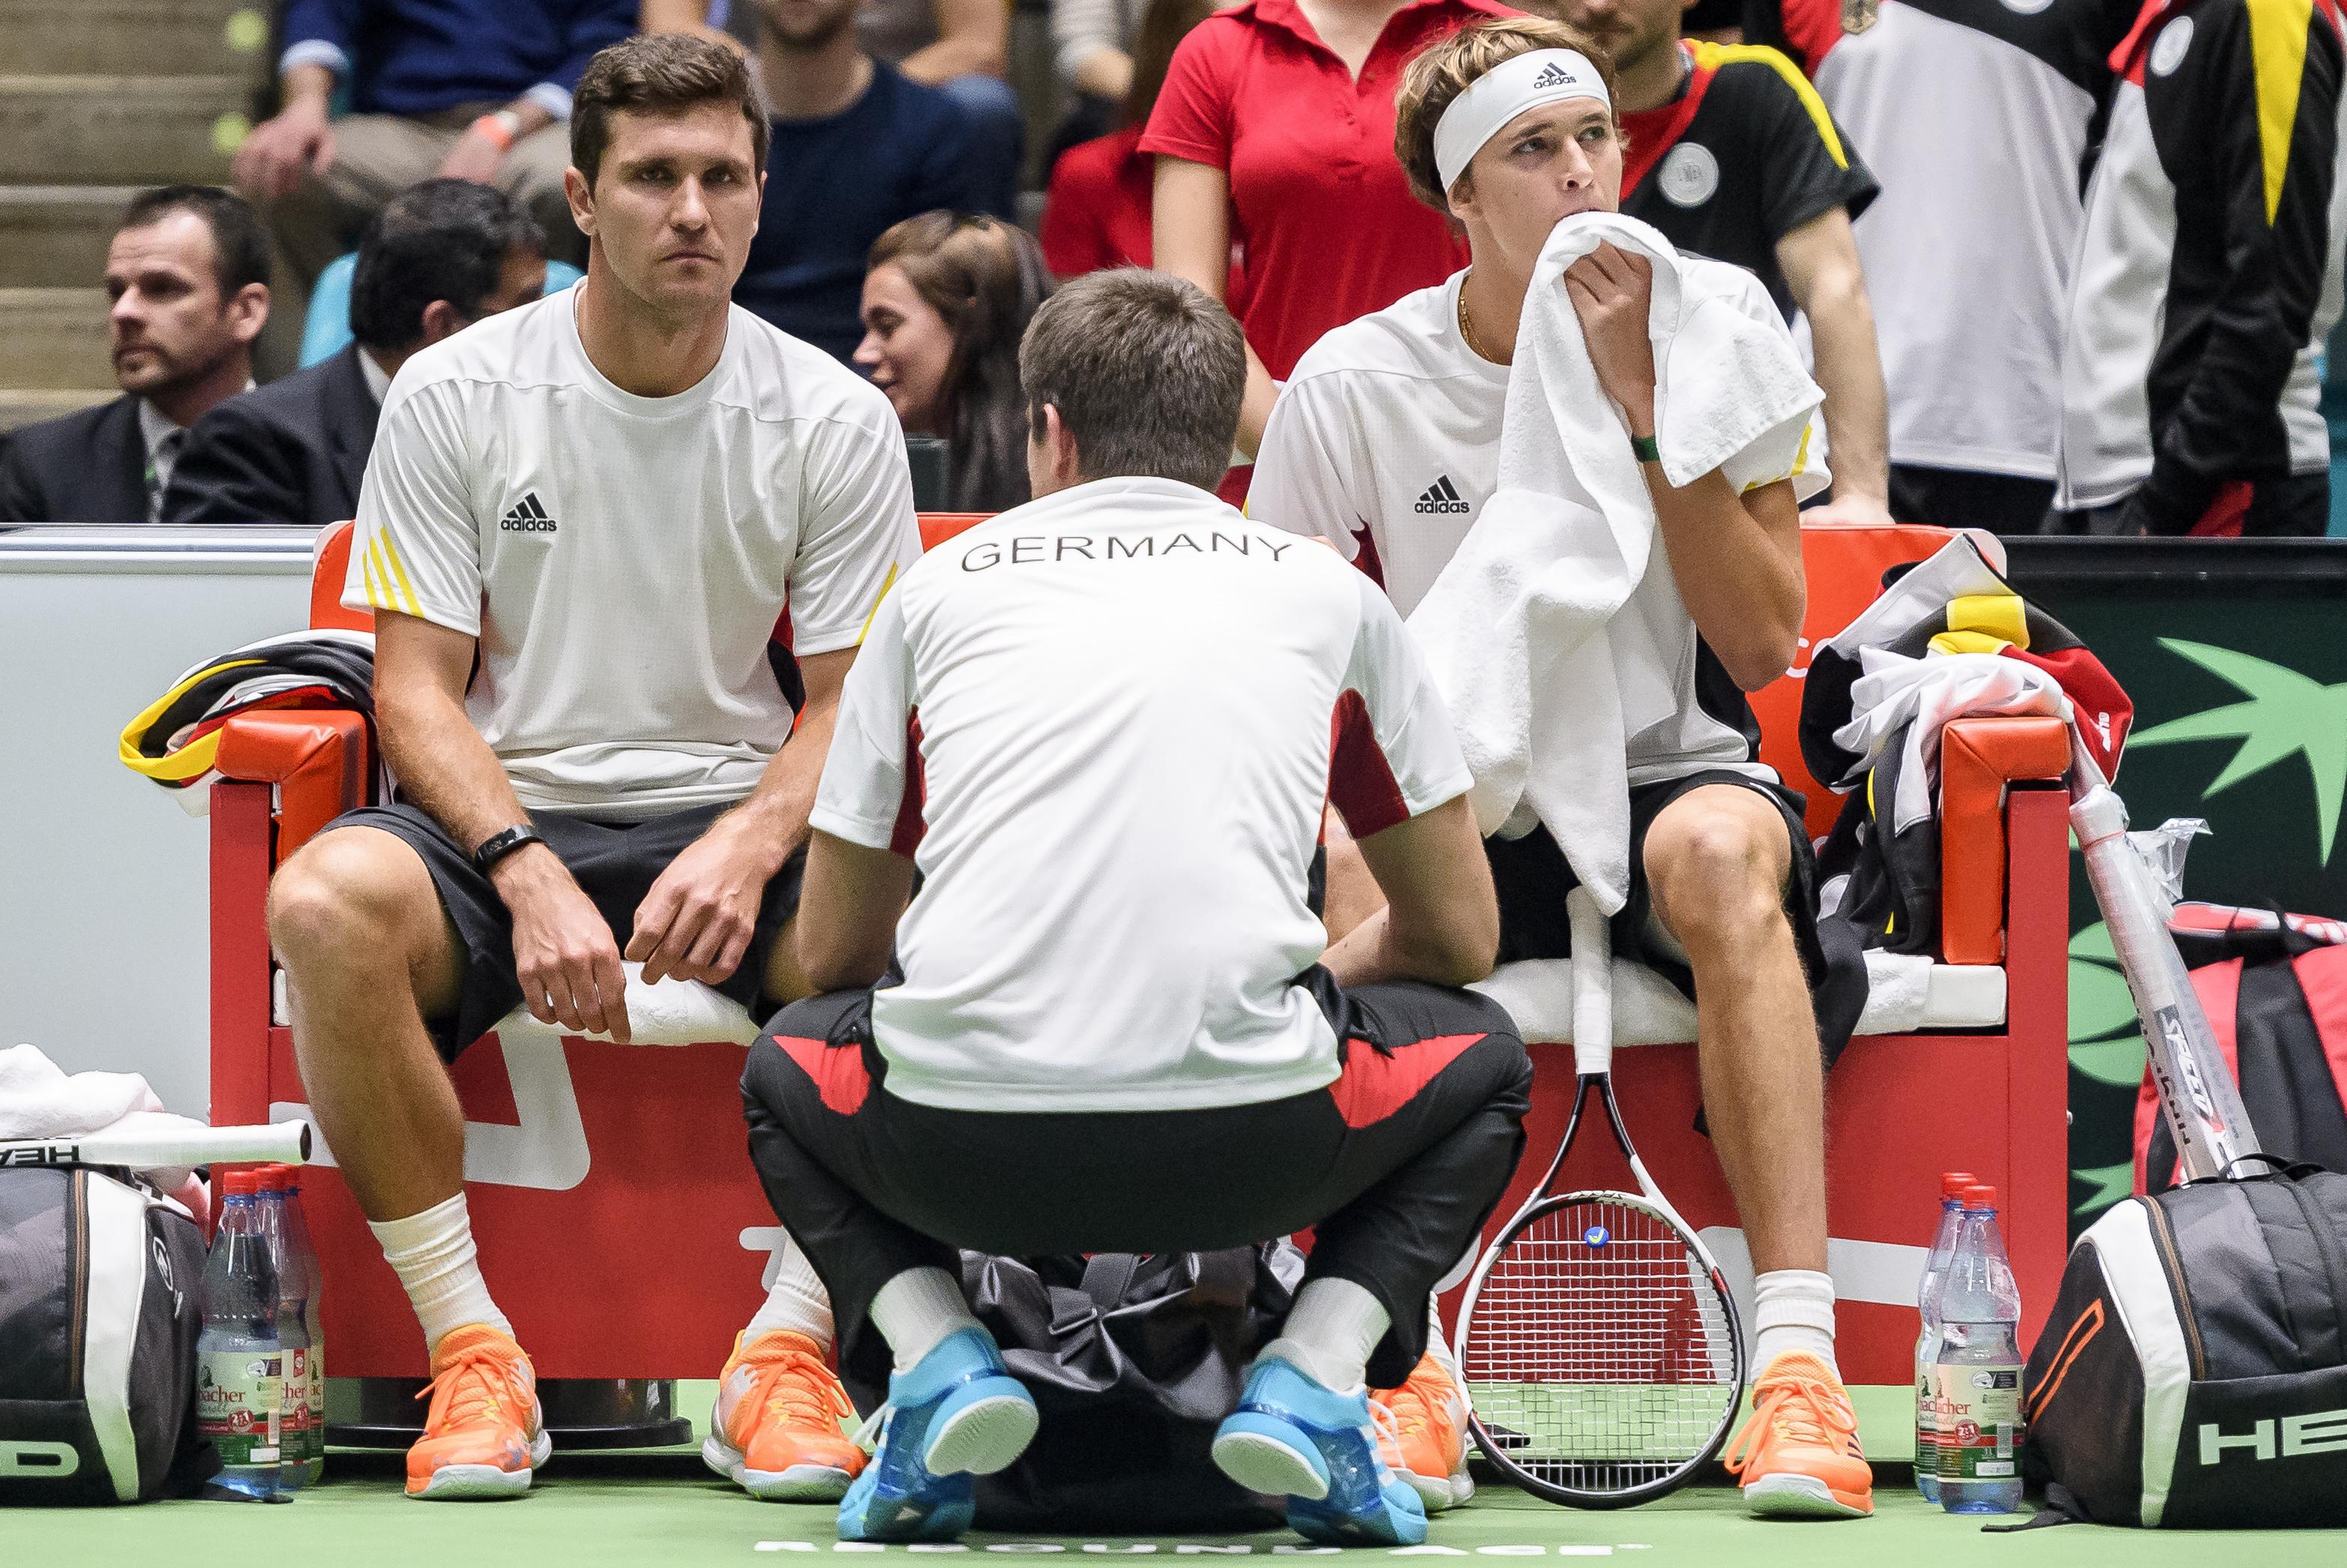 Davis Cup-Matches